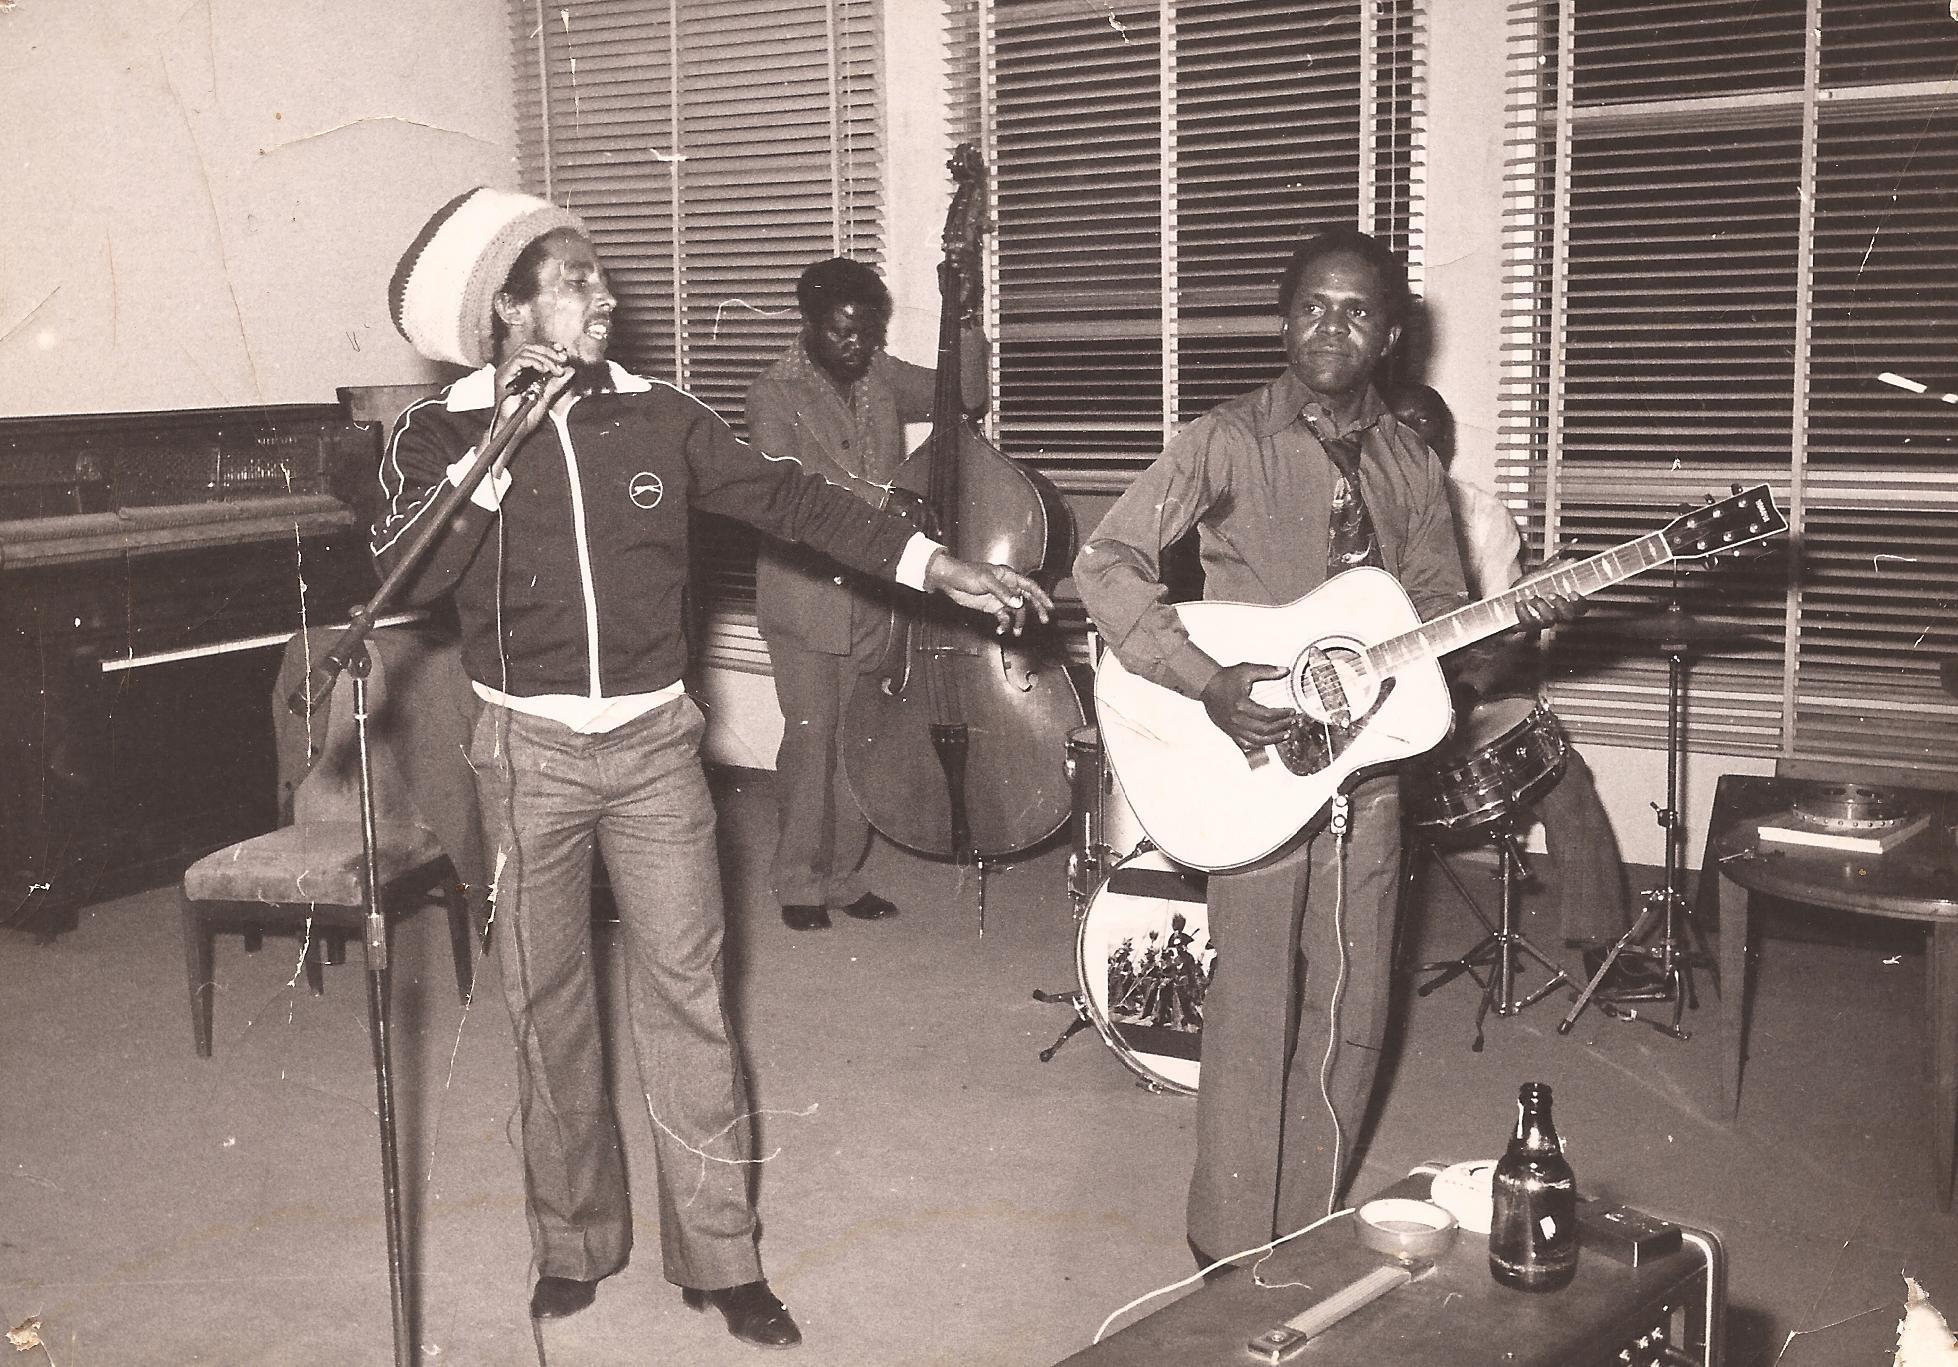 Do not use: Bob Marley, Gibson Mandishona